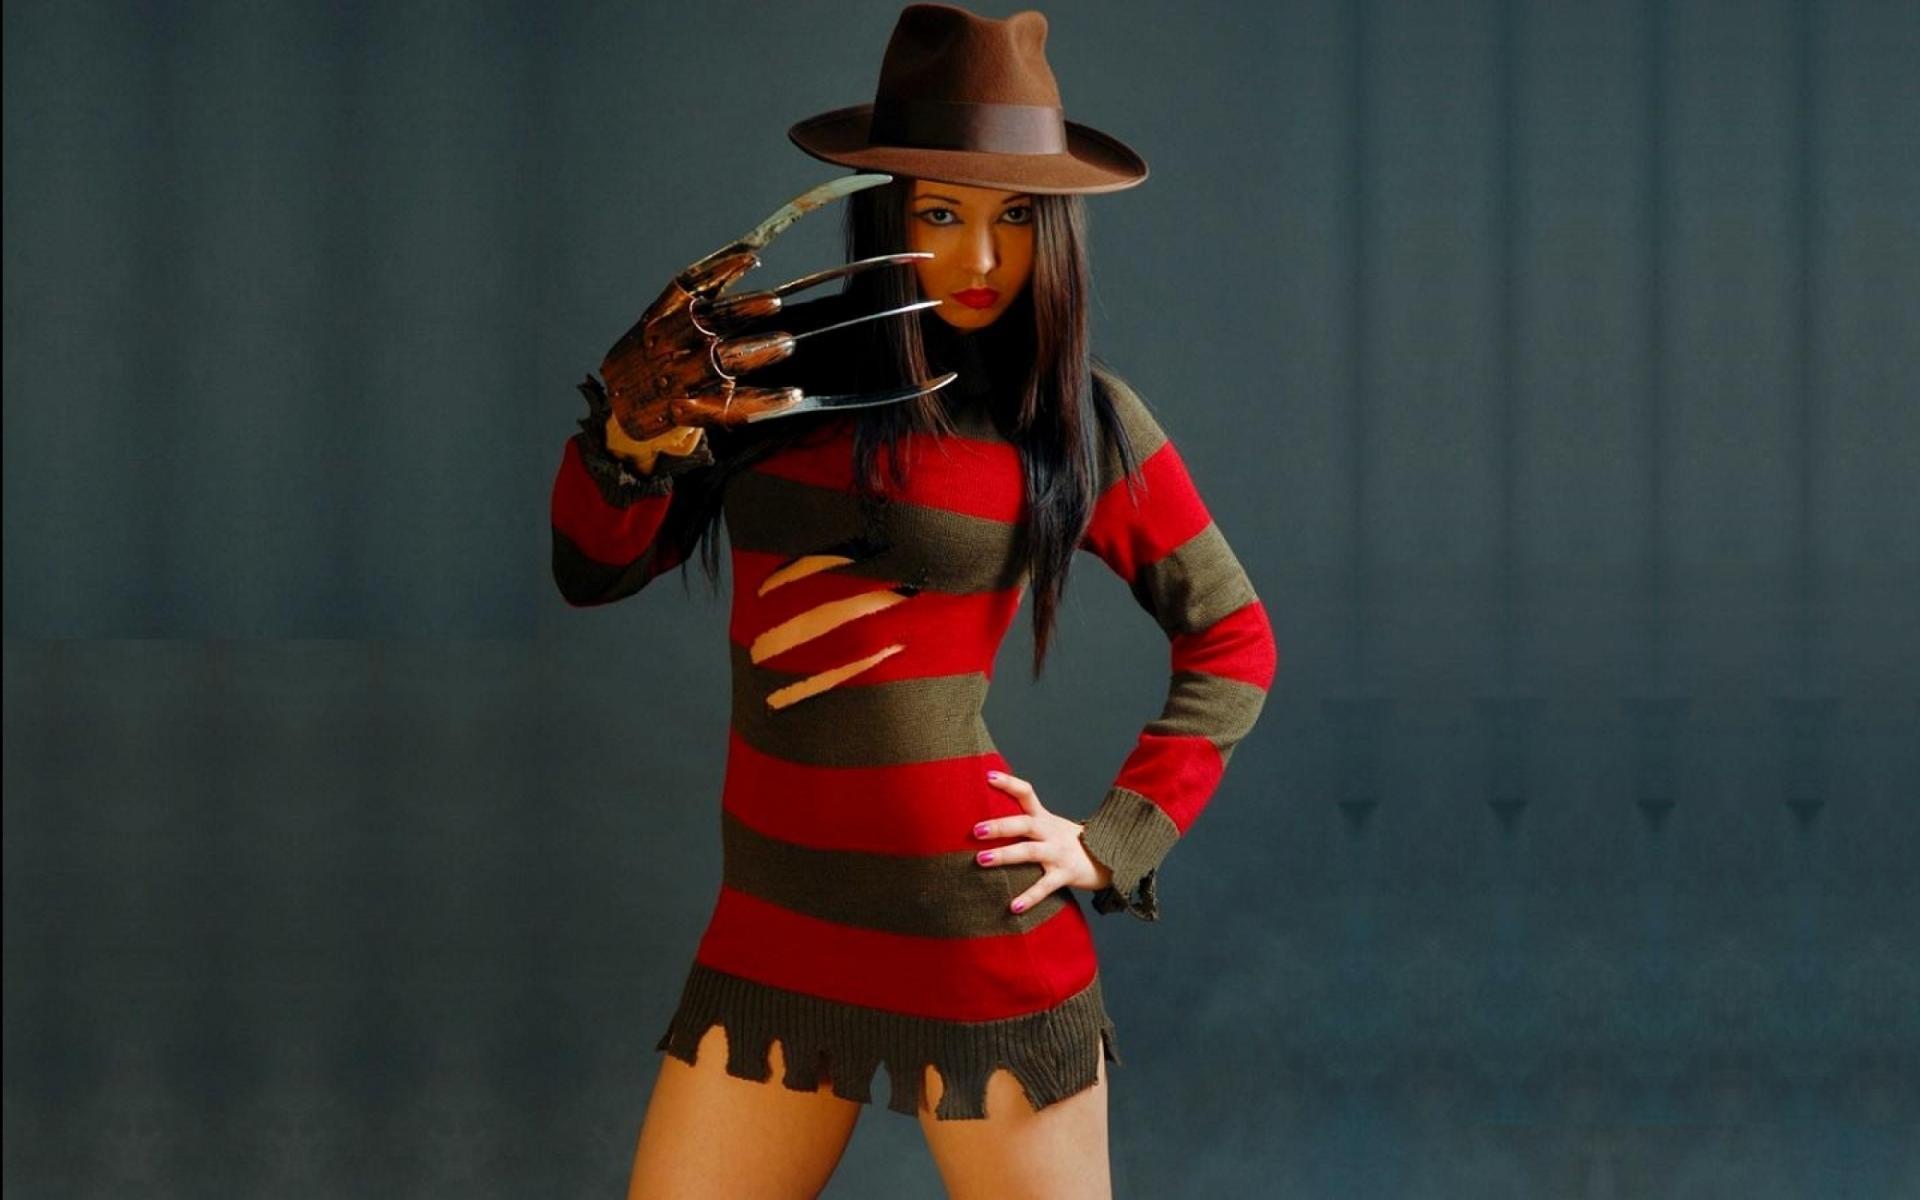 Freddy Krueger Cosplay - 1920x1200